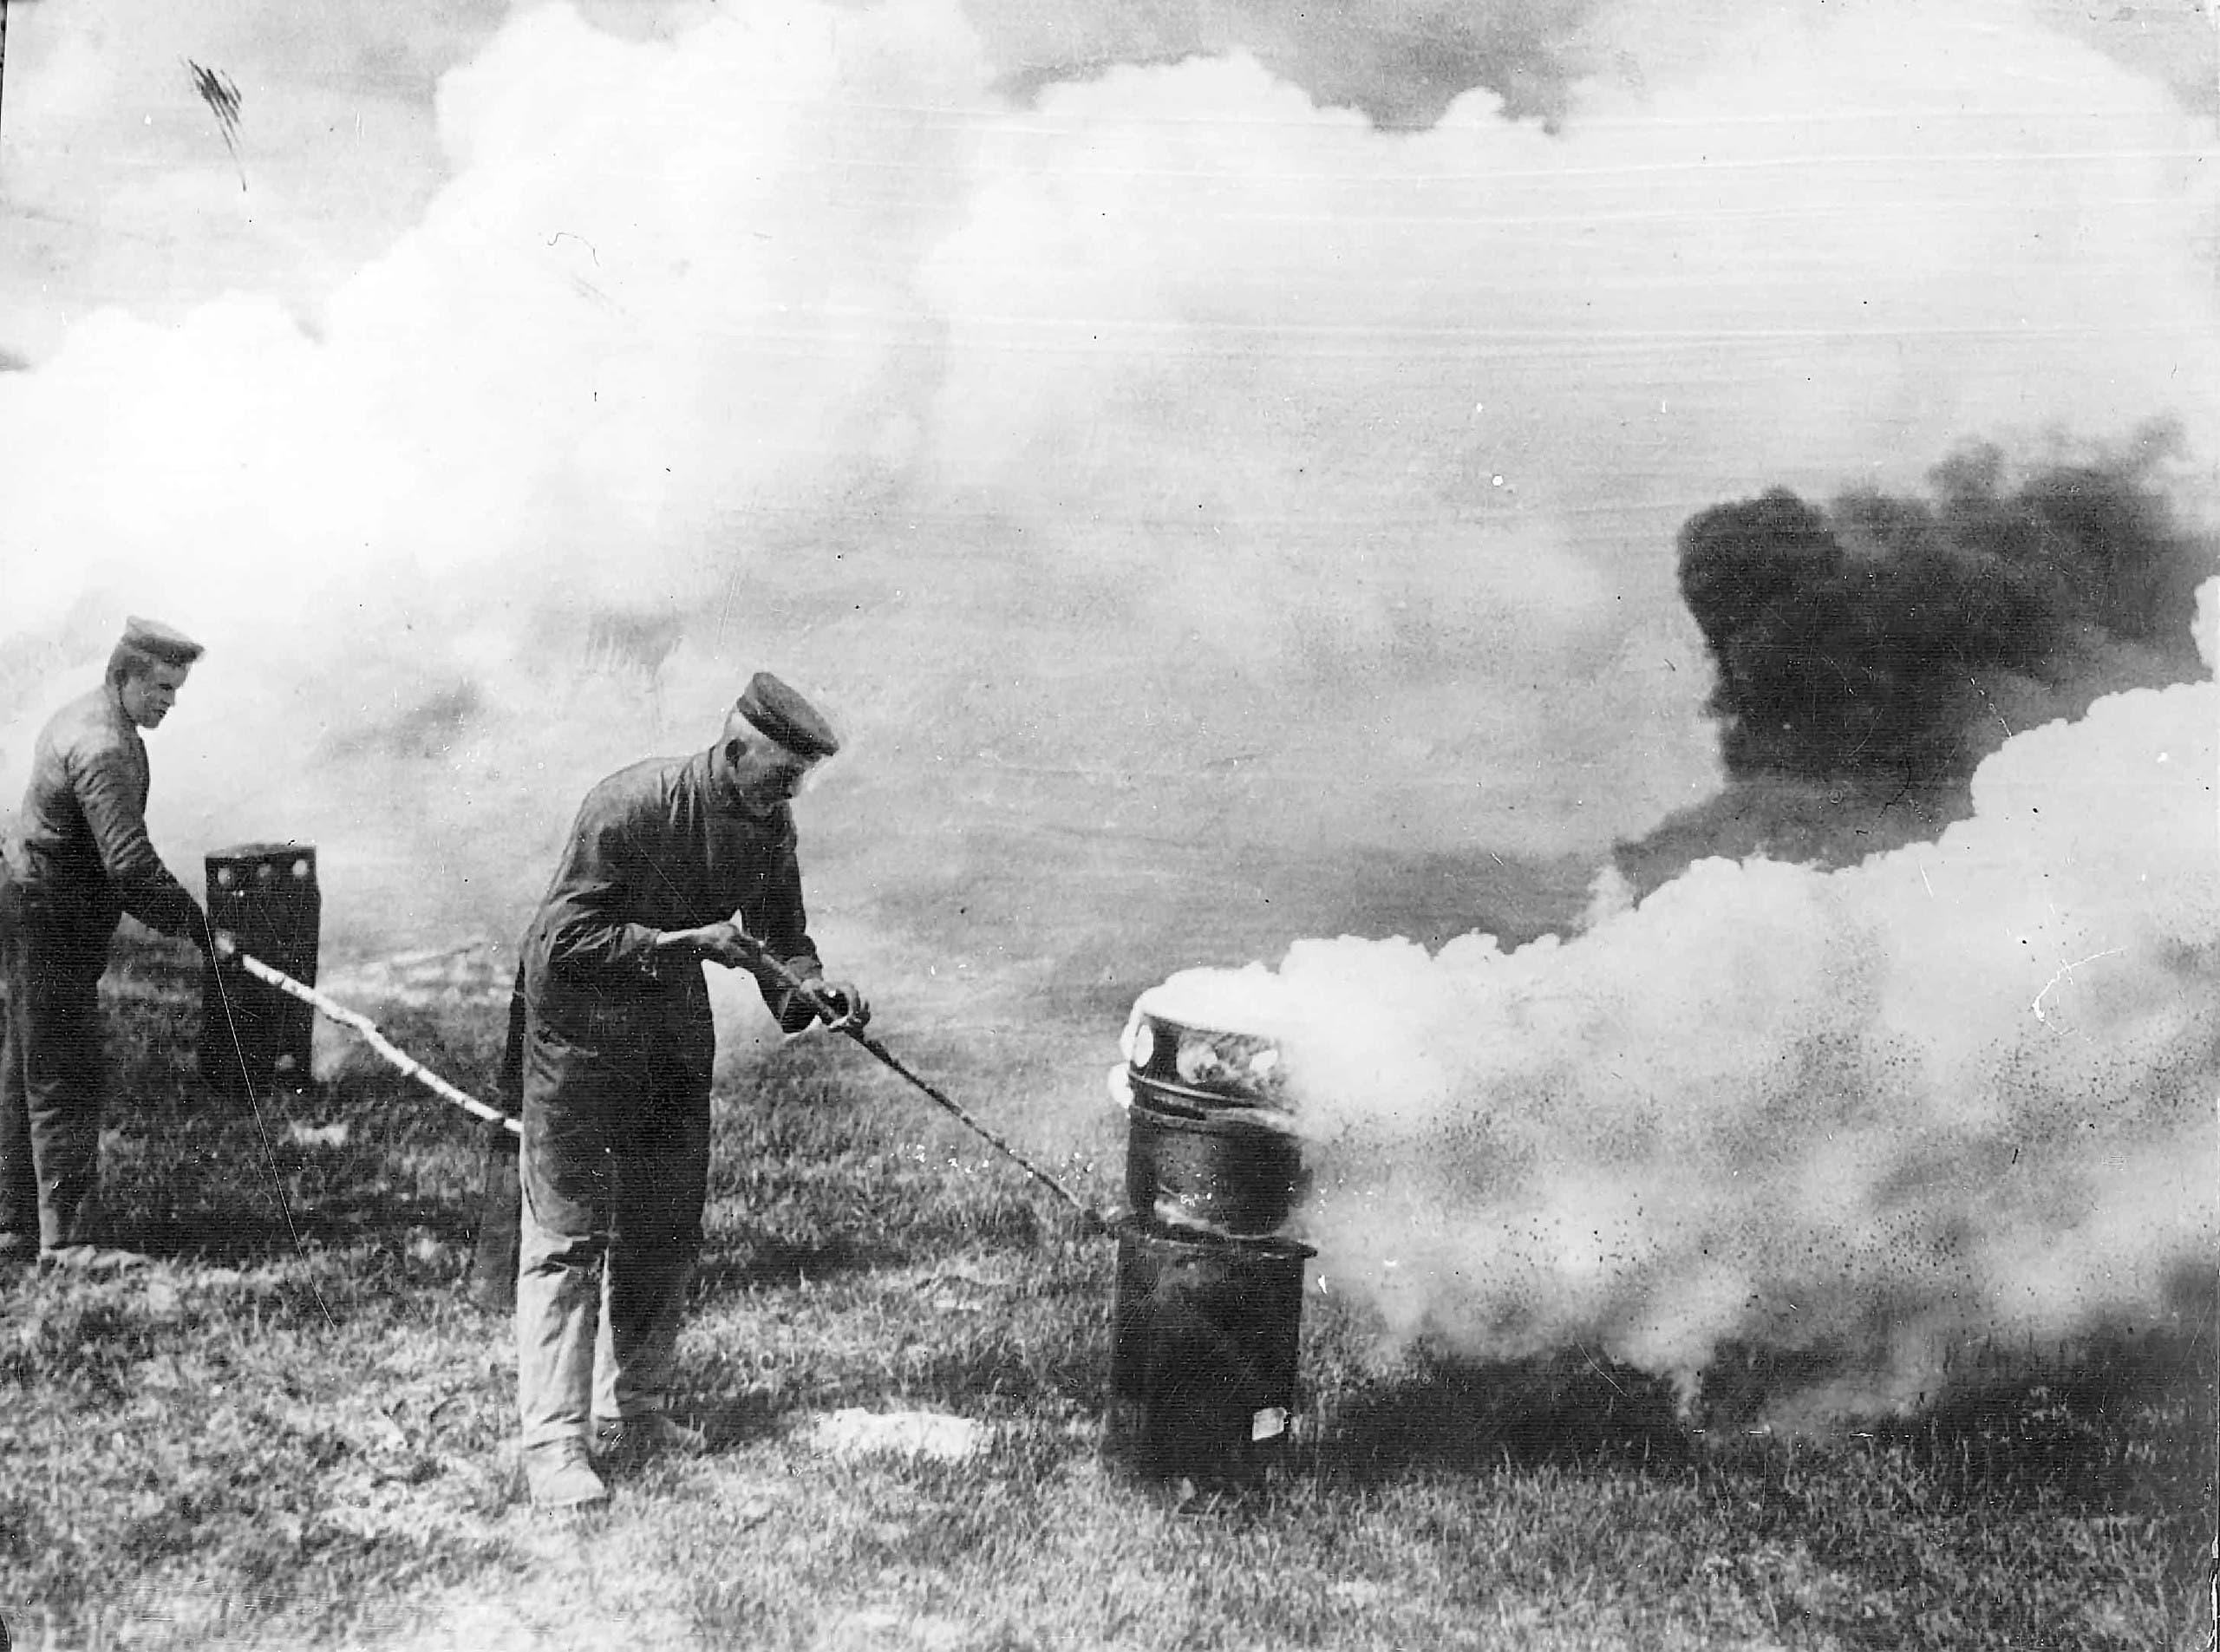 صورة لجنود ألمان و هم بصدد إطلاق غاز الكلور خلال معركة إيبر الثانية